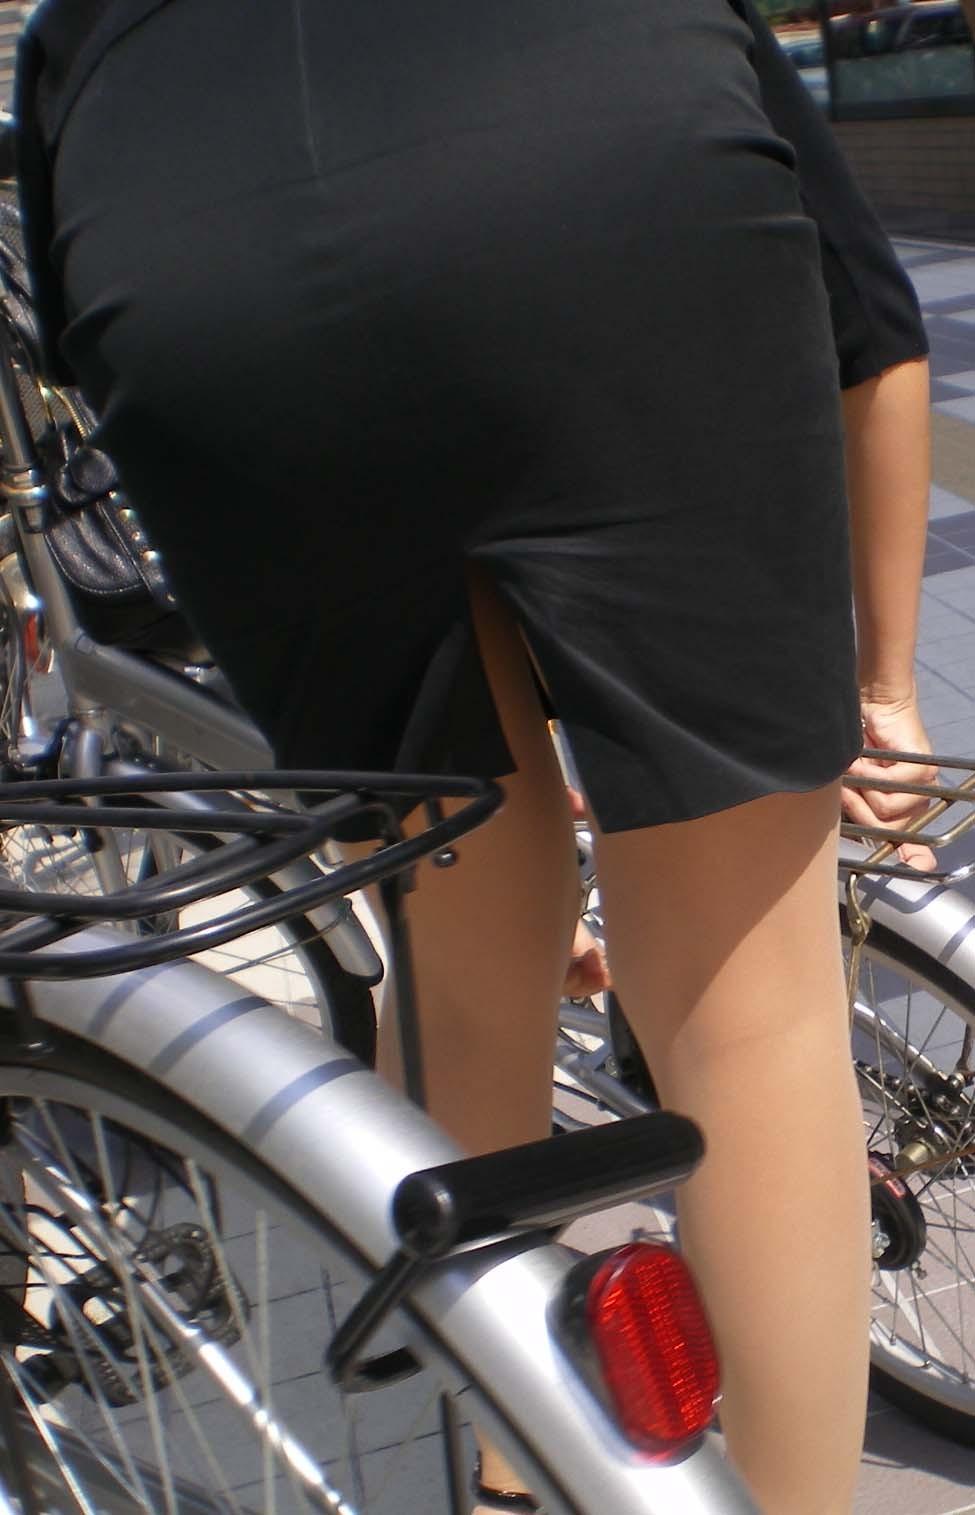 【自転車女子エロ画像】チャリ移動中の巨尻女子…サドルよりも俺の背中に乗らないか? 07